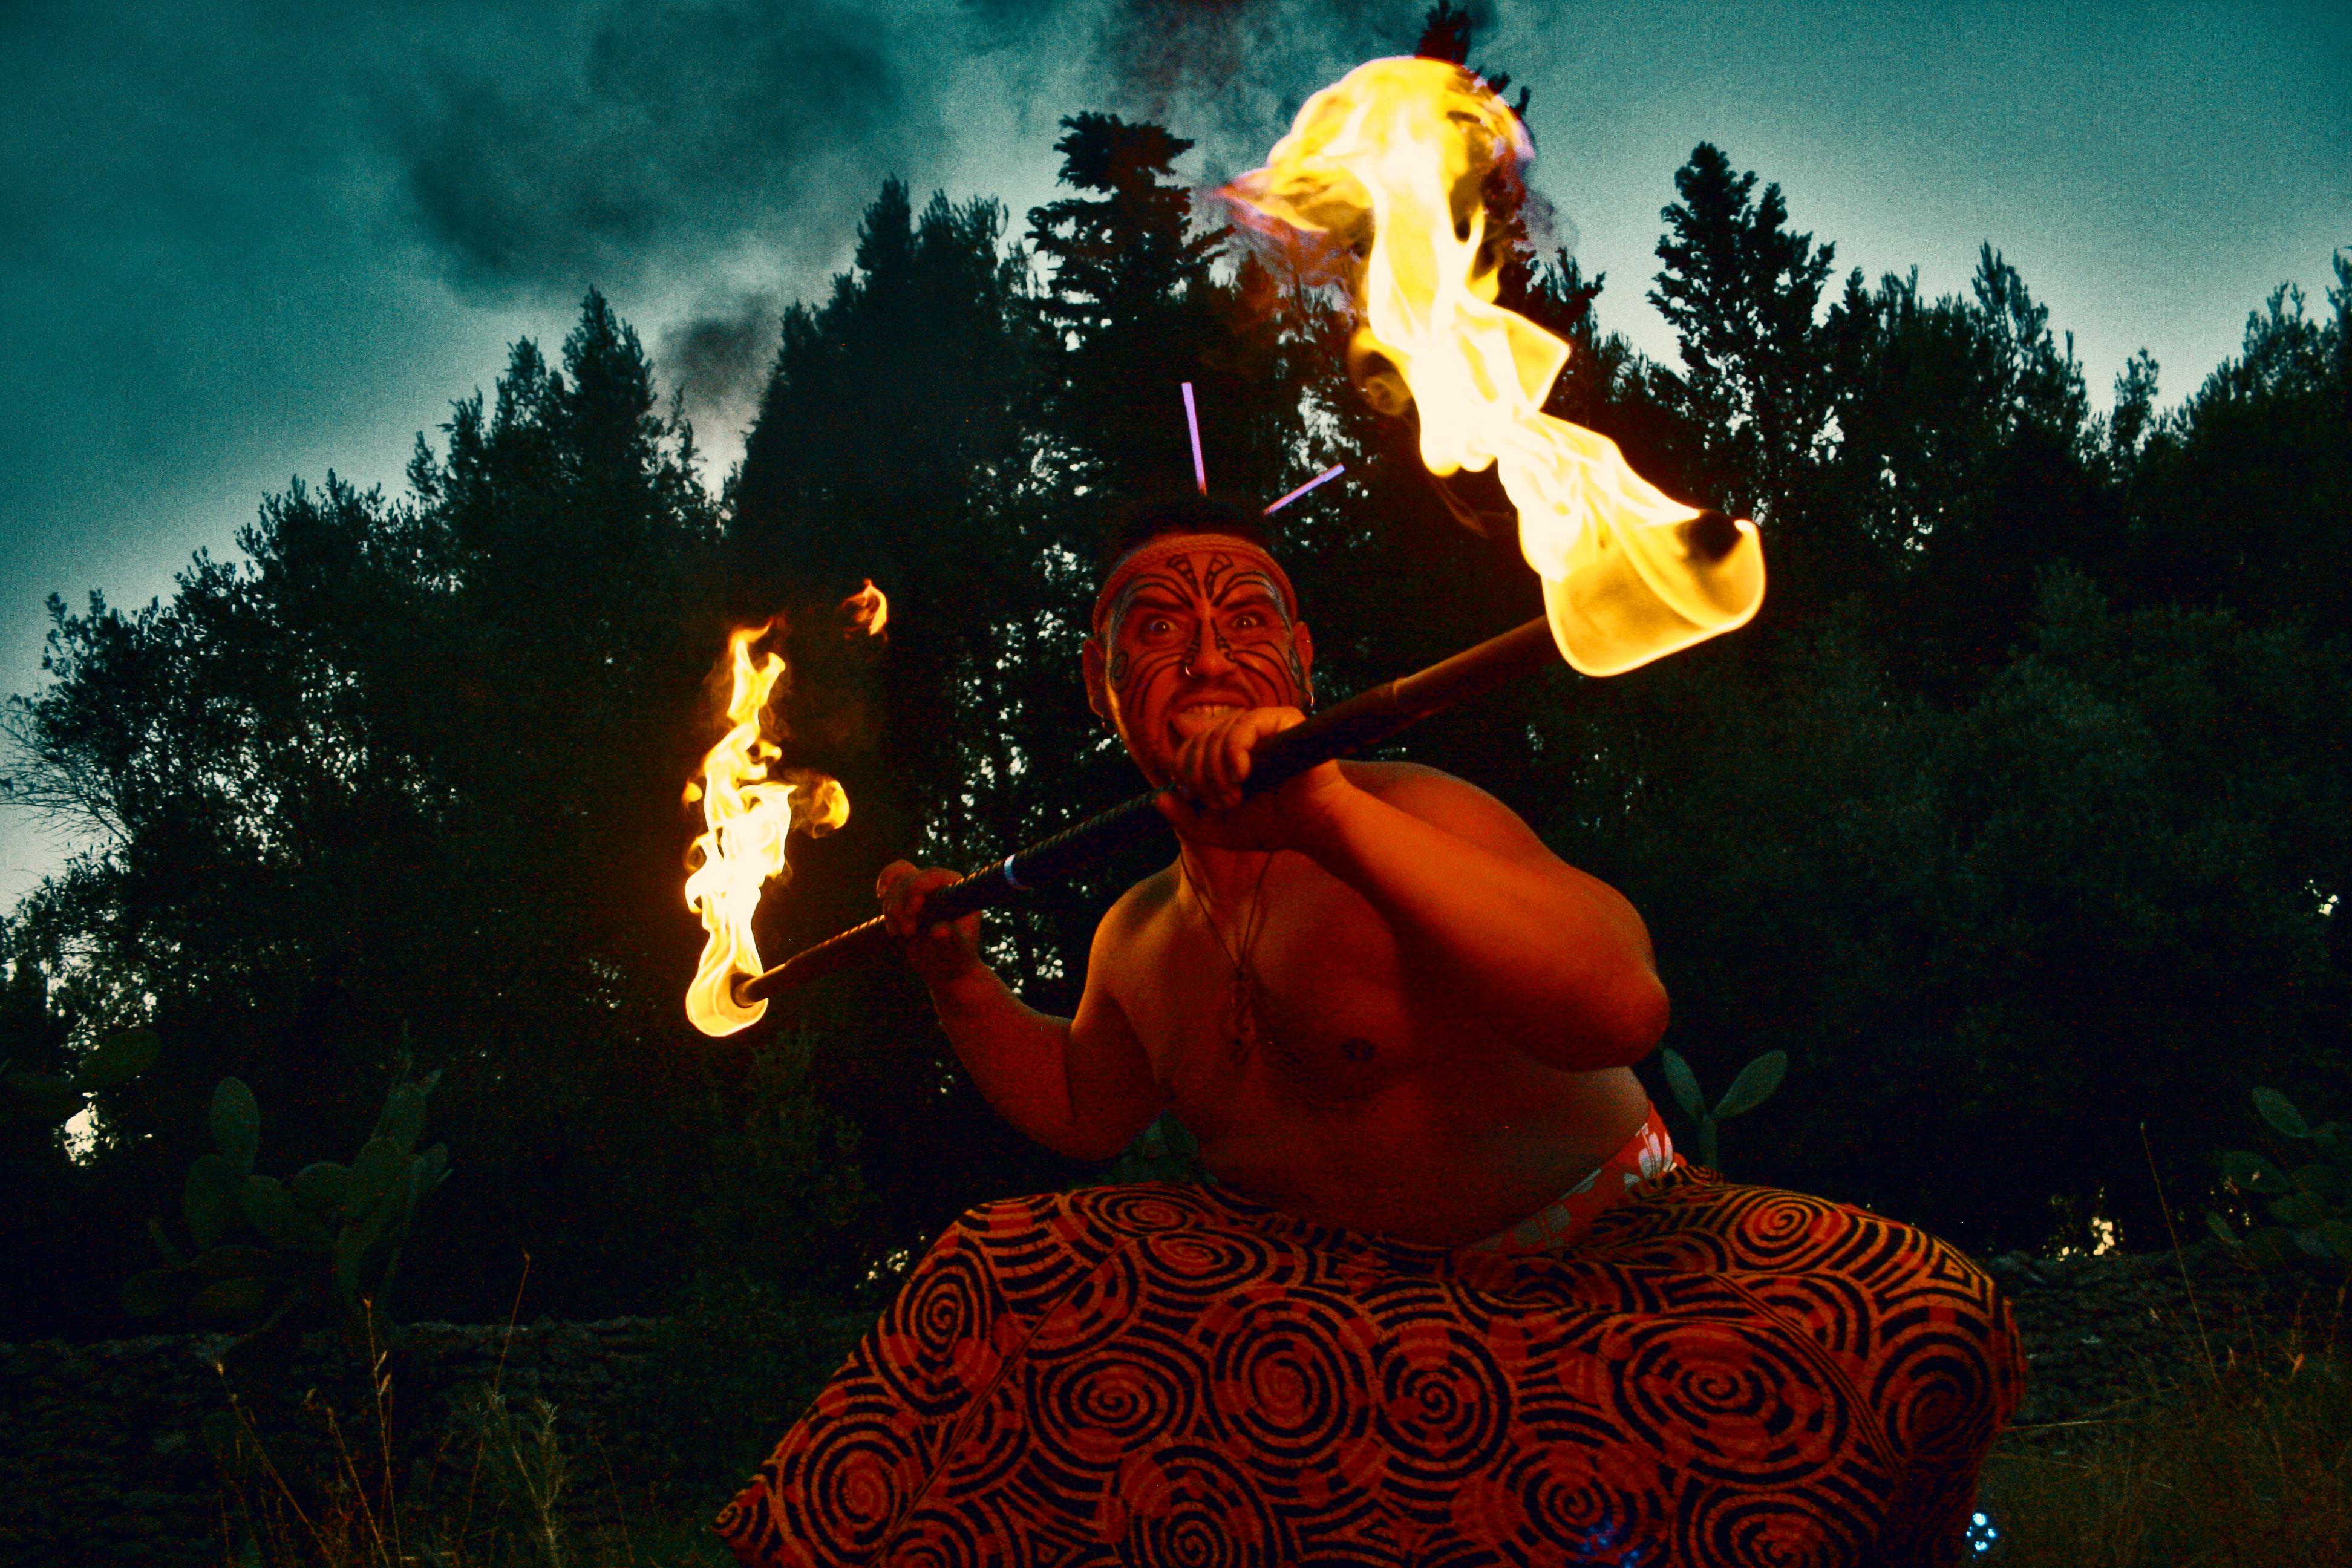 Maori Fachiro Sputafuoco